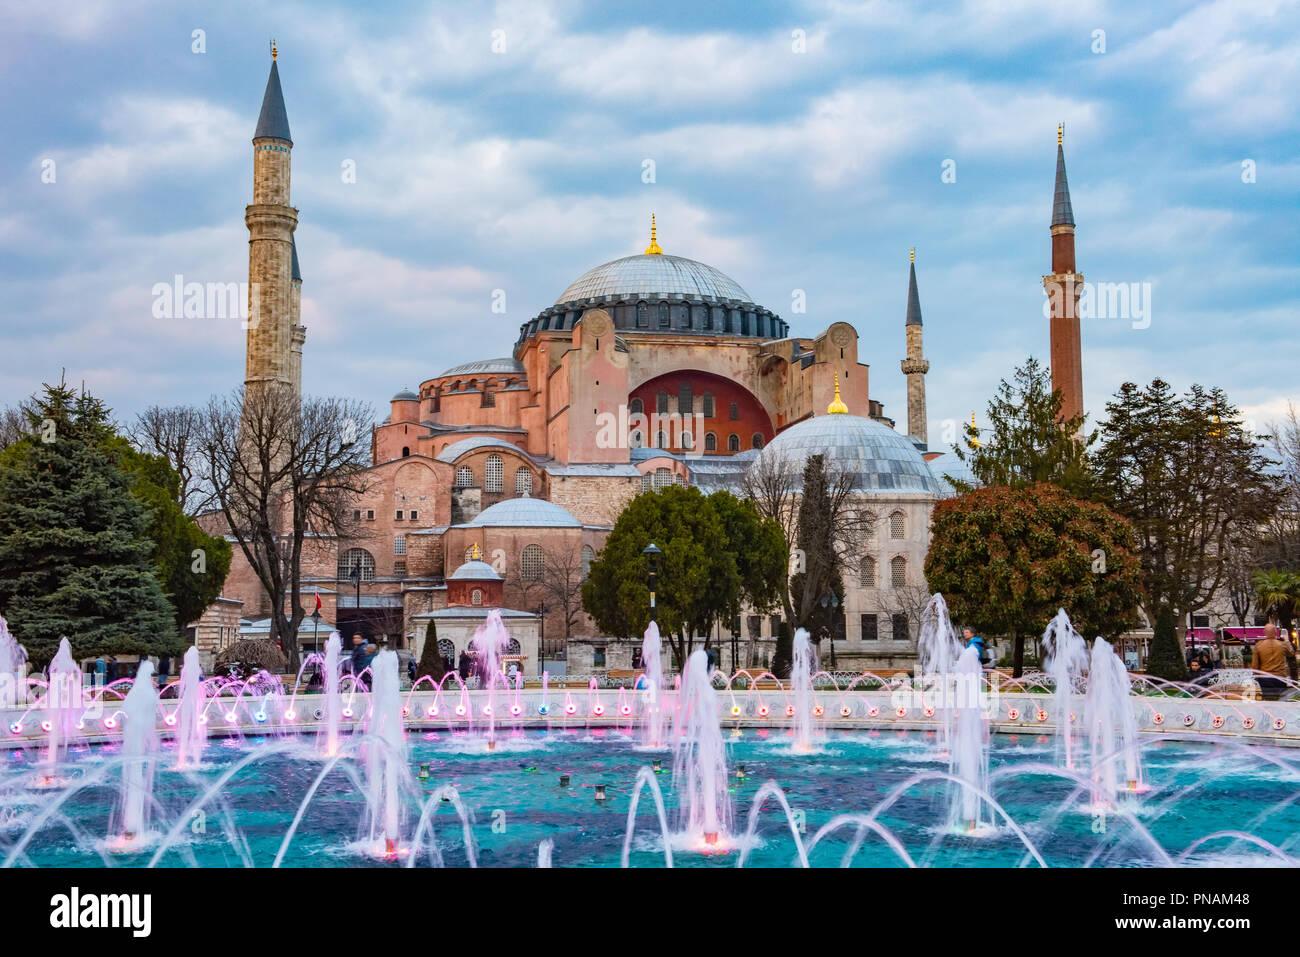 Hagia Sophia in Istanbul - Stock Image